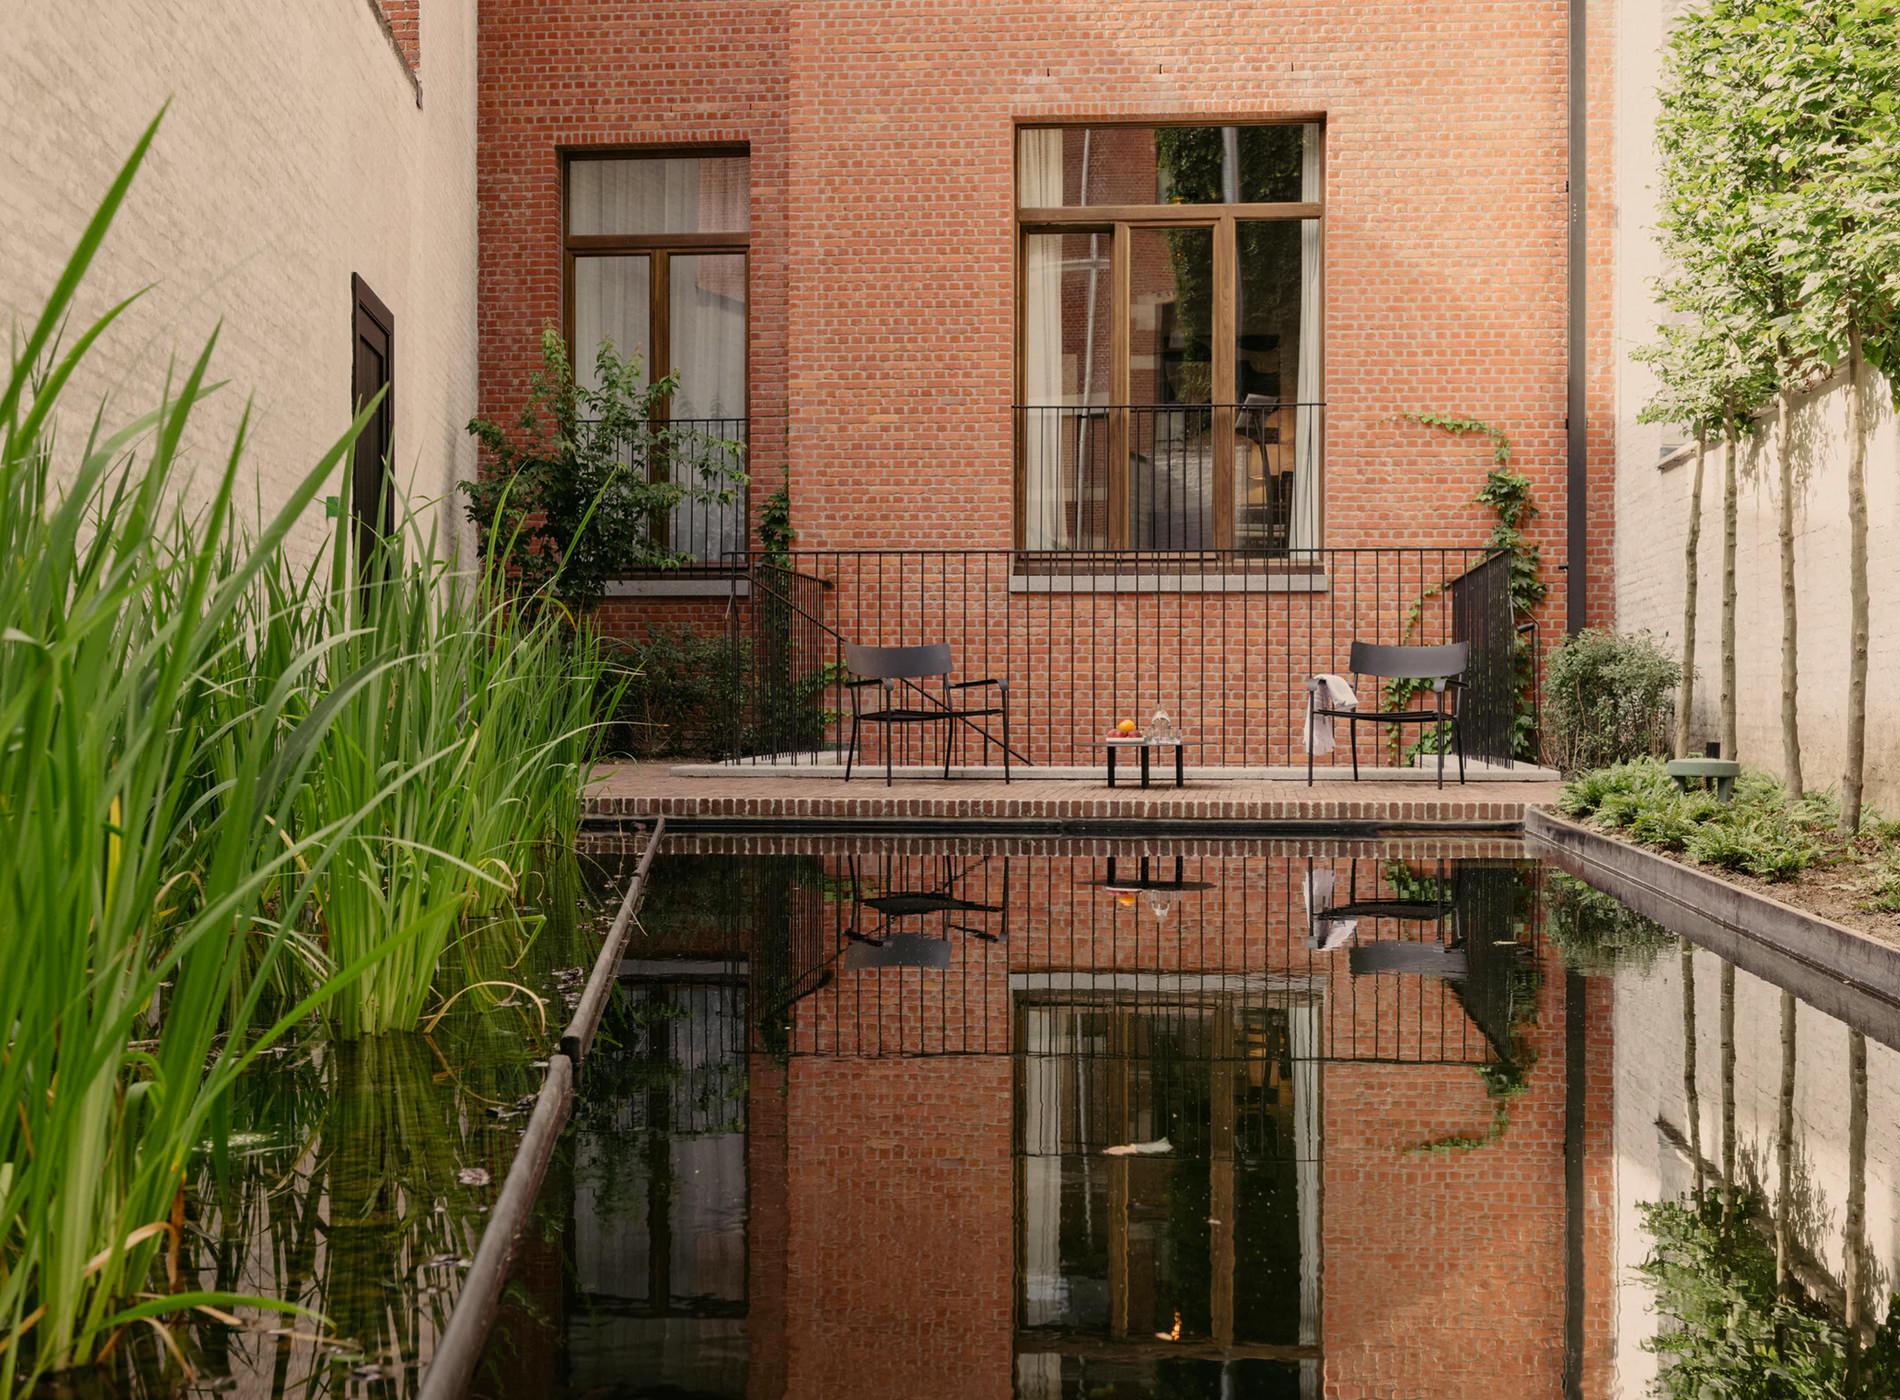 City Guide Anvers Antwerp August Hotel Jardin